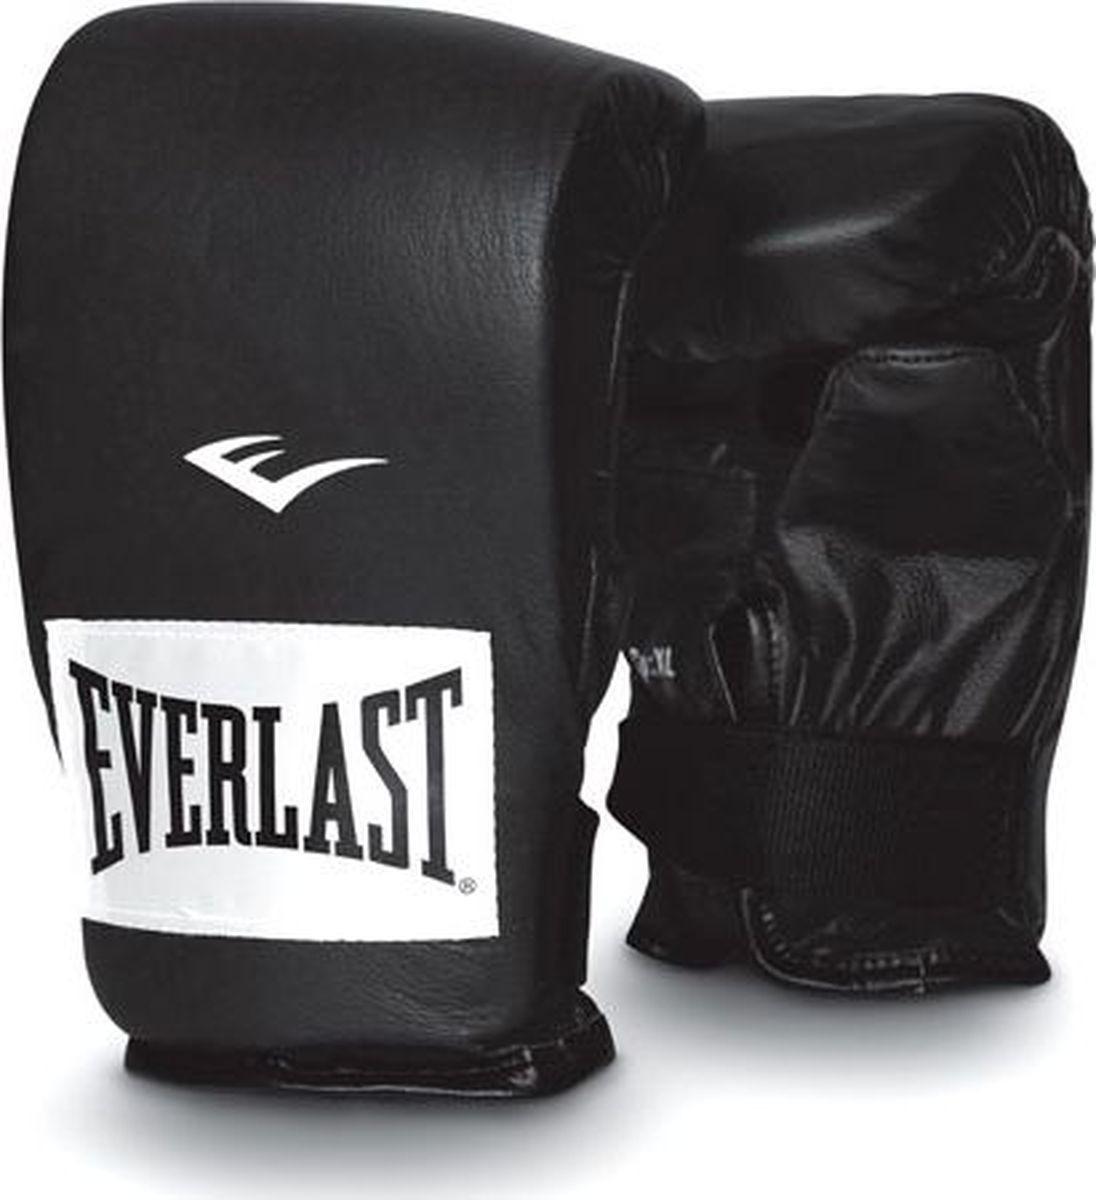 Перчатки снарядные профессиональные Everlast, 150001U, черный, размер L